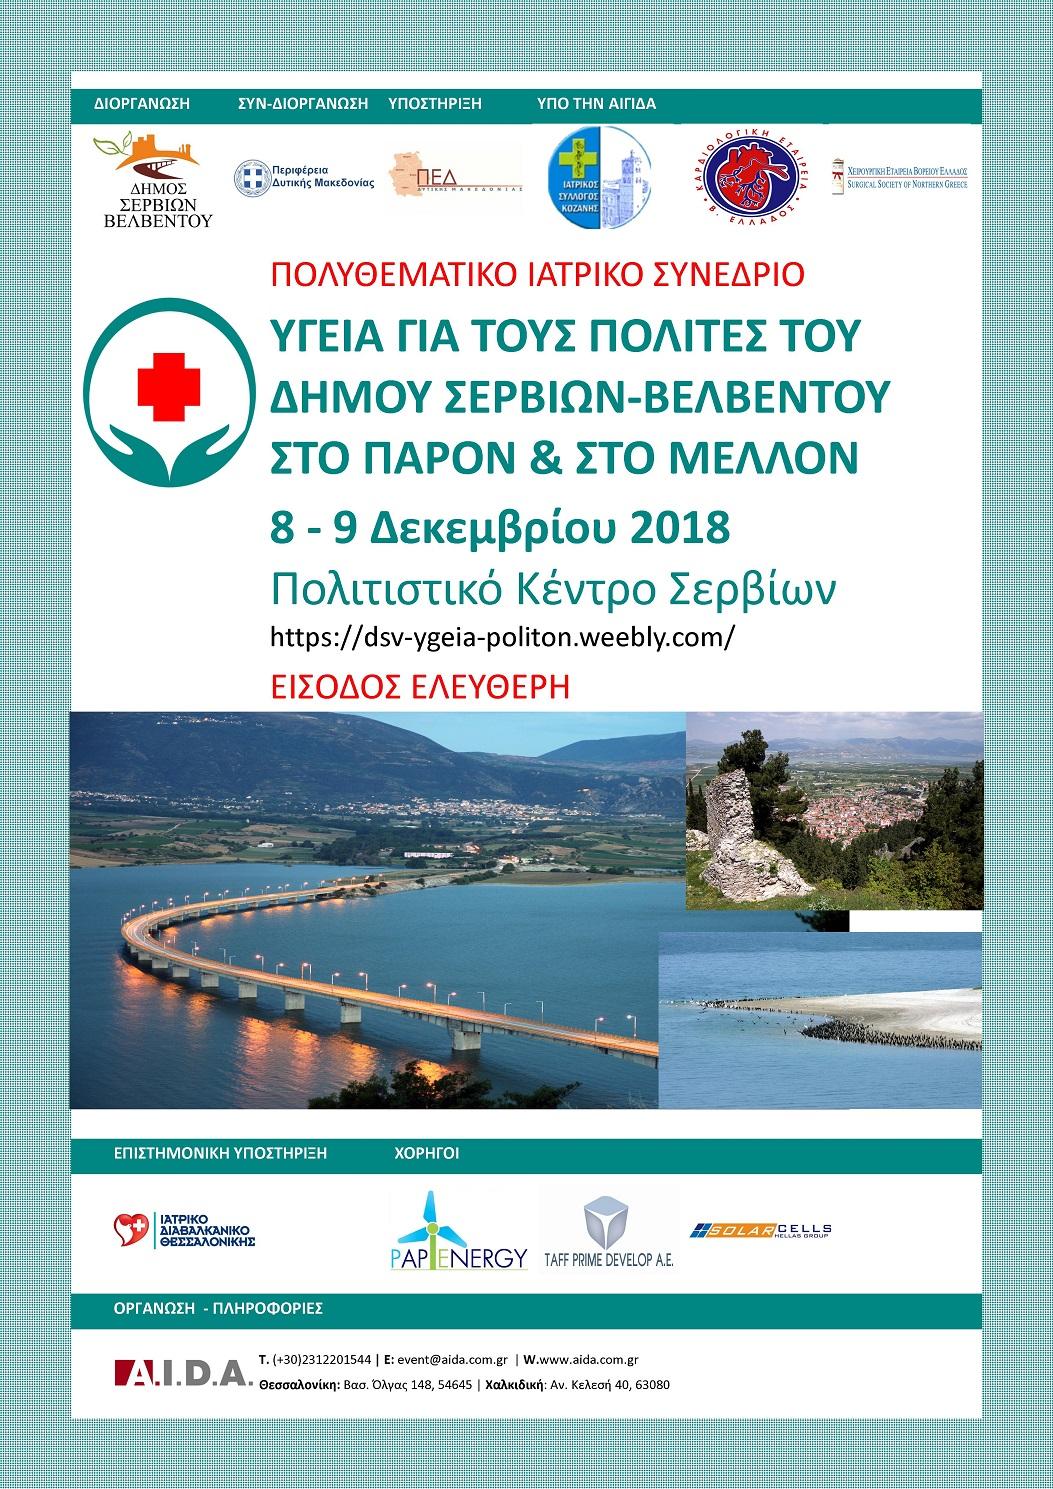 1ο Πολυθεματικό Ιατρικό Συνέδριο στα Σέρβια